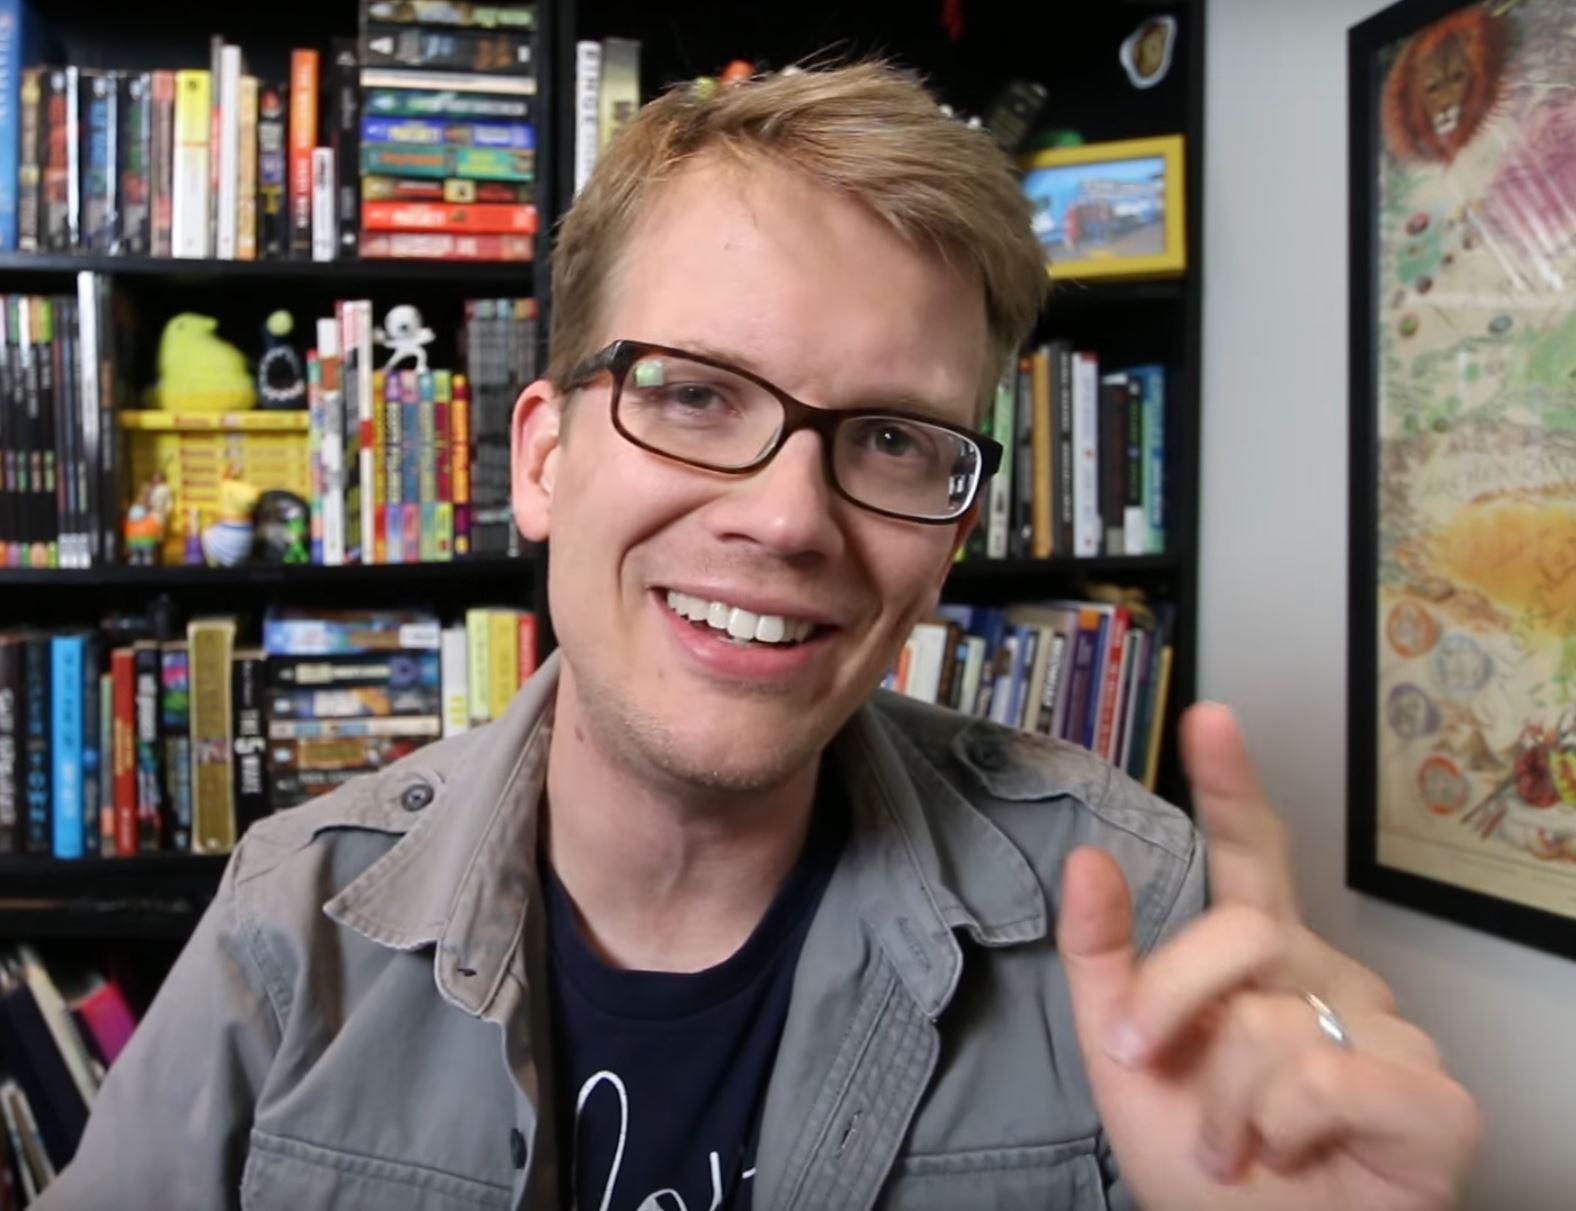 author Hank Green, courtesy Wikimedia Commons.